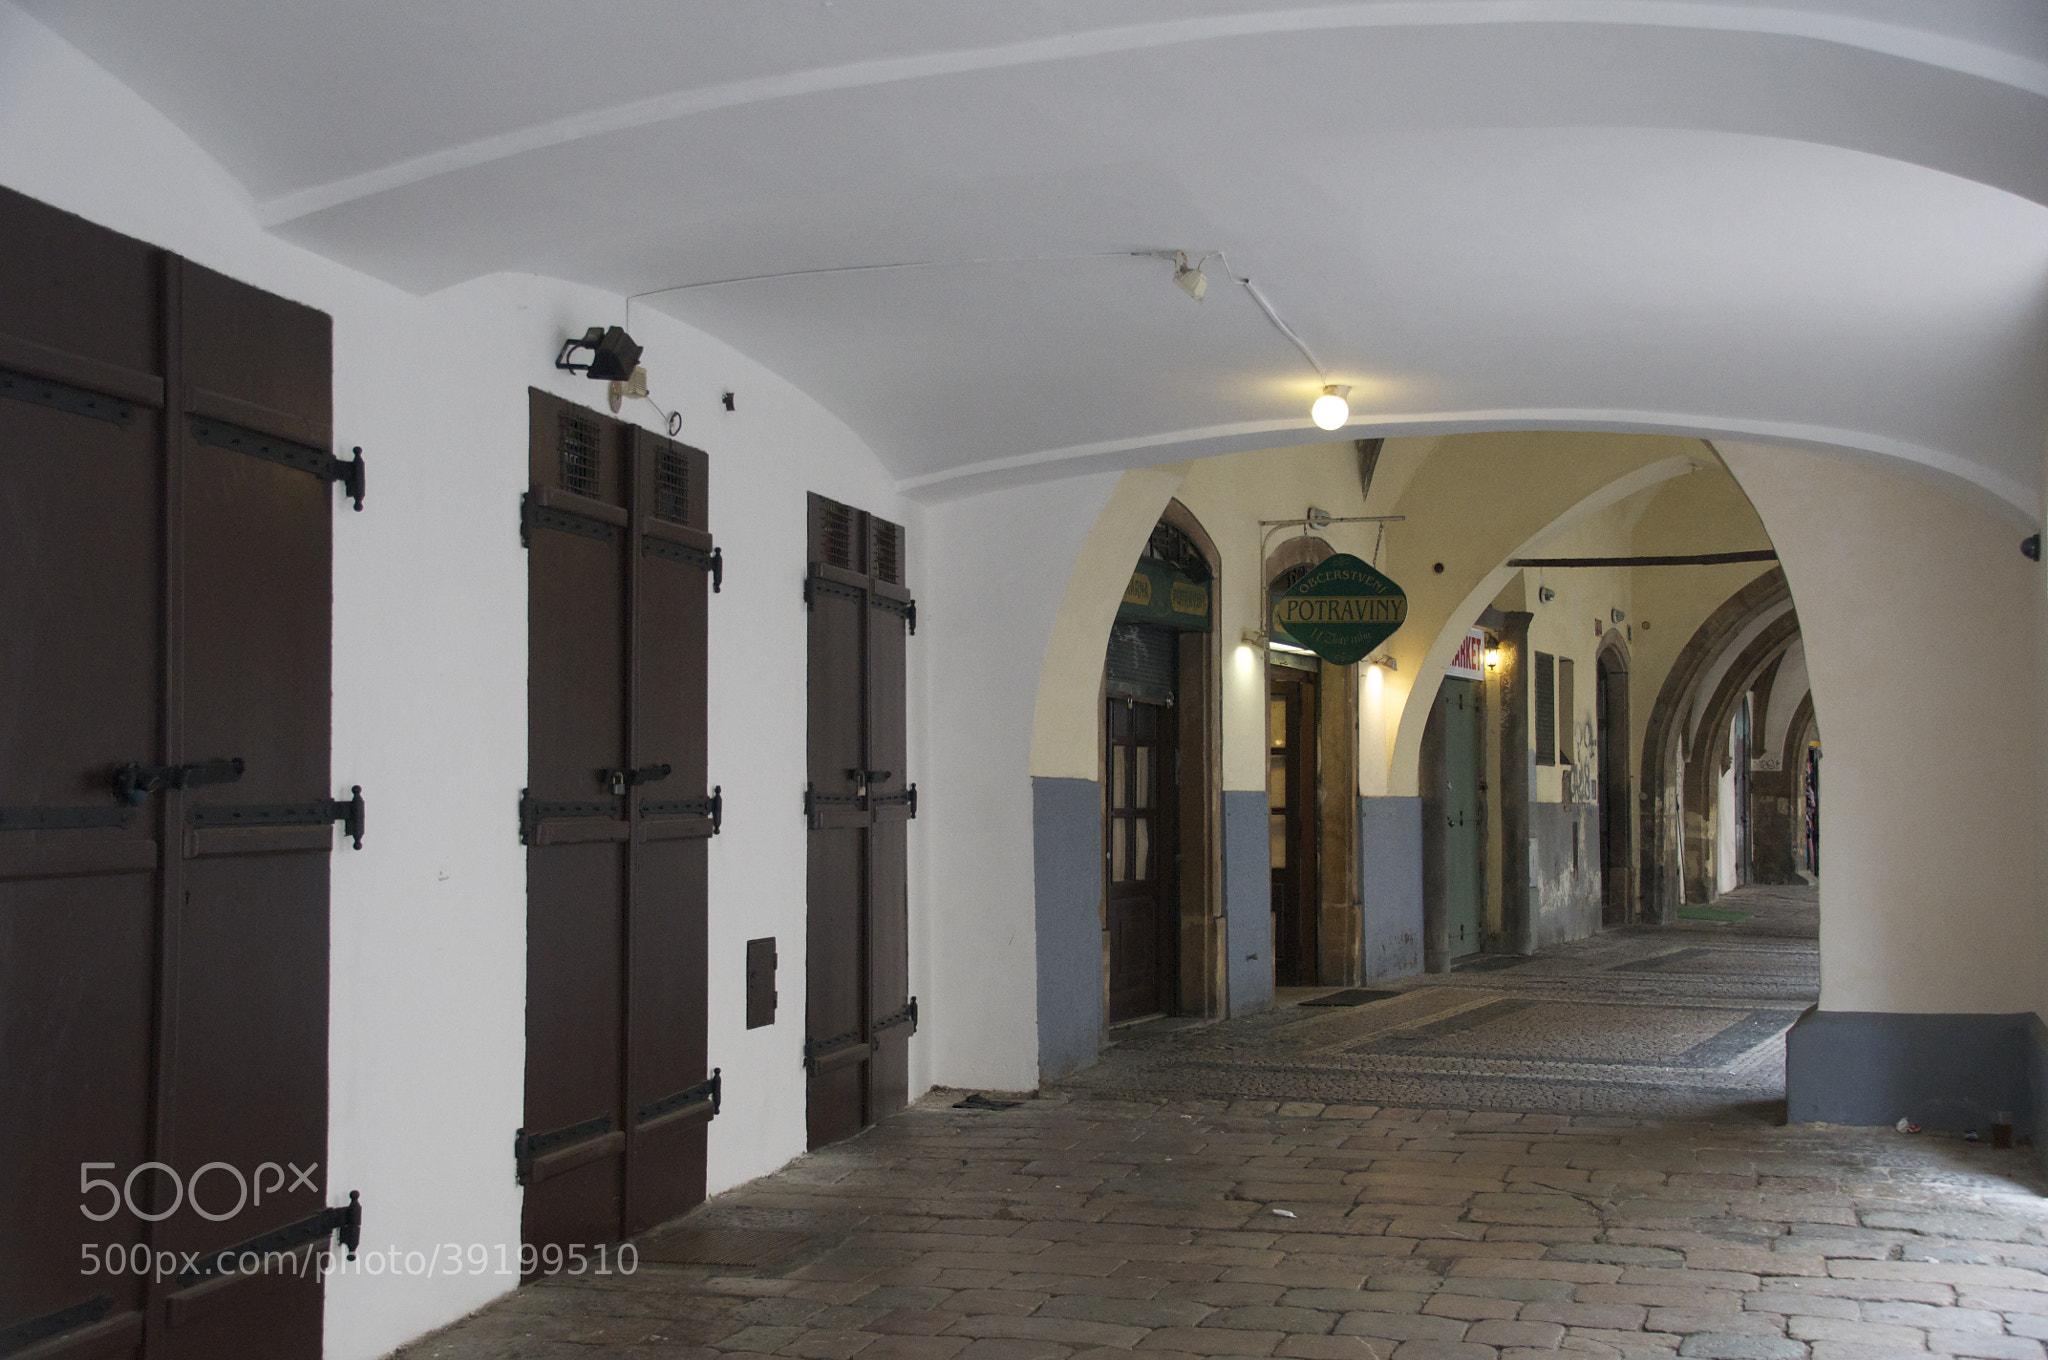 Photograph Callejeando por Praga by Jose Maria Vidal Sanz on 500px